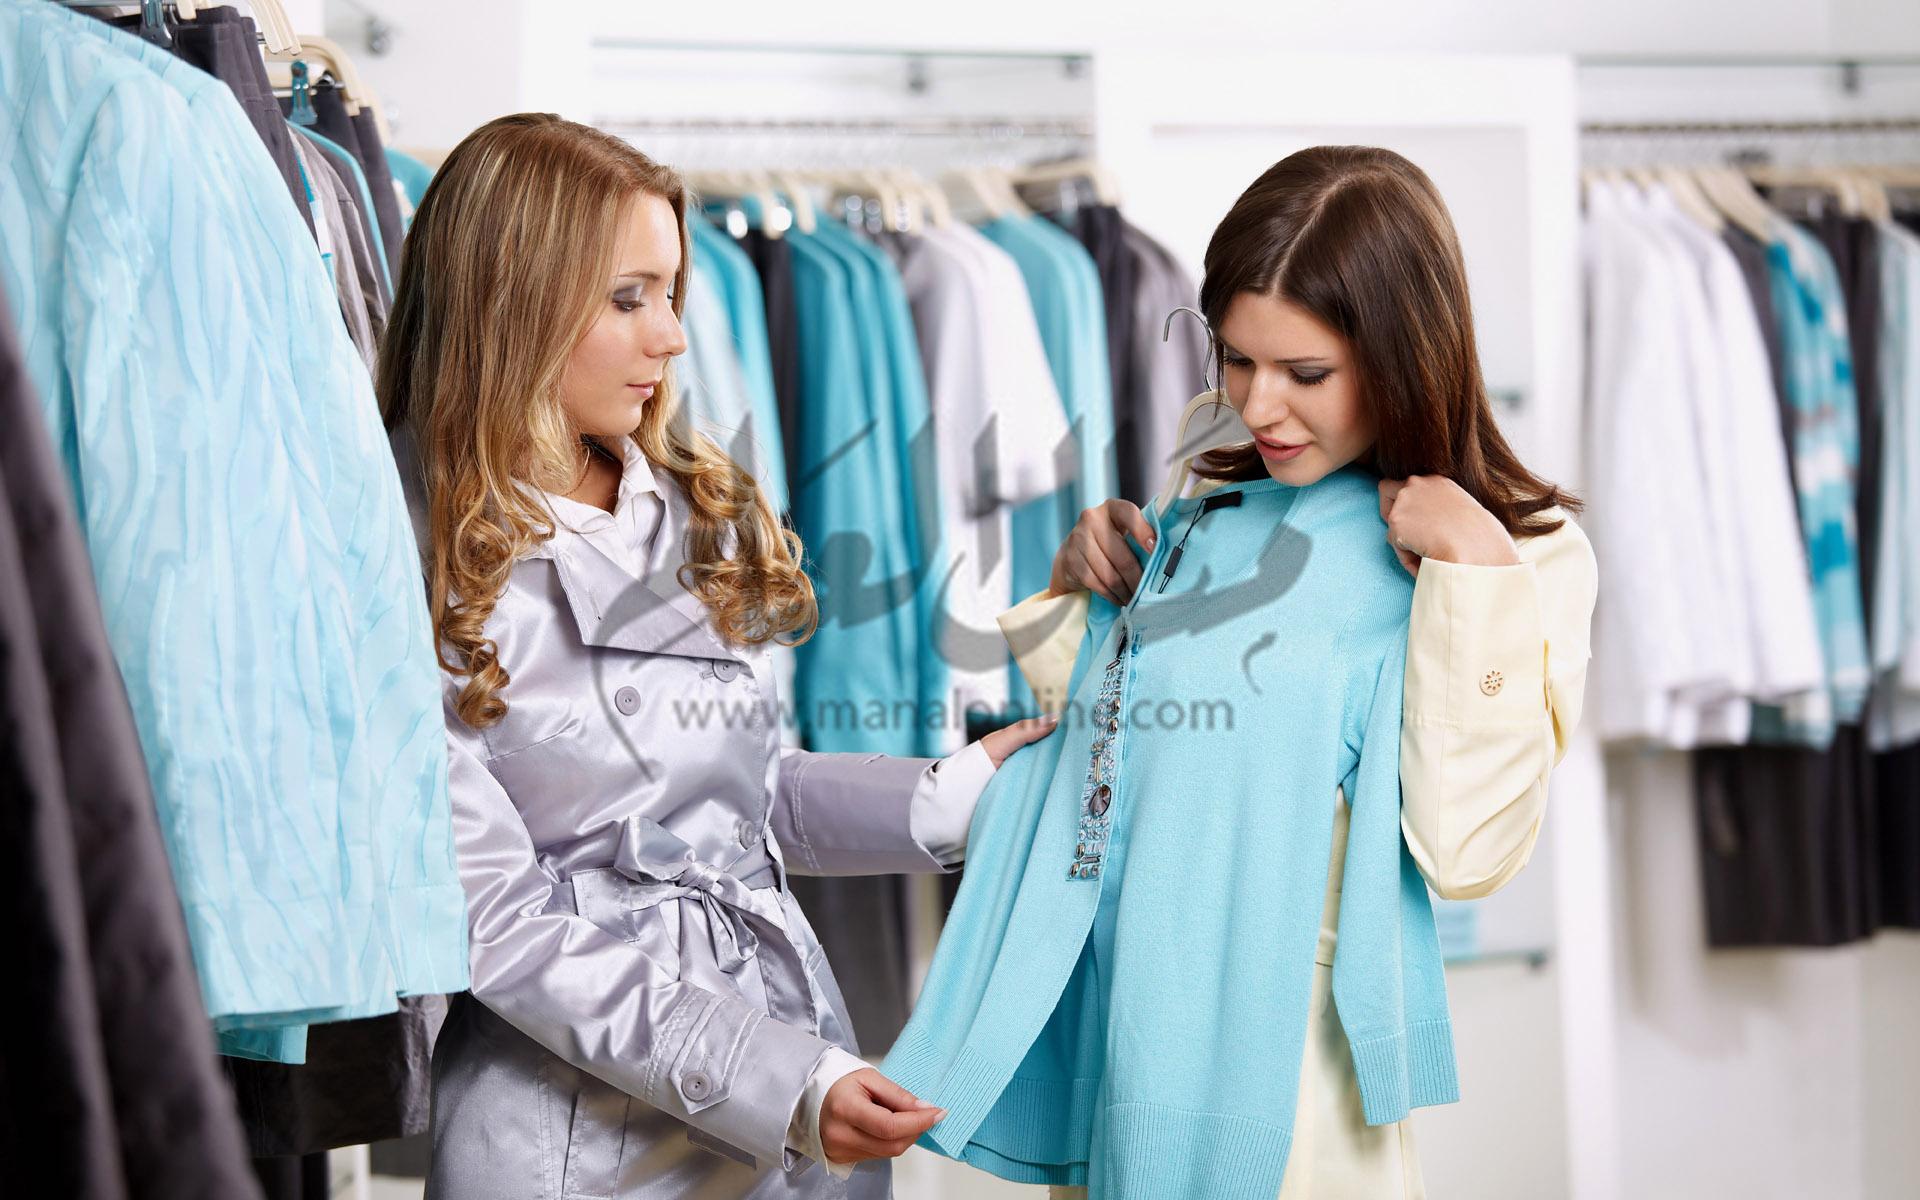 كيف تختار الملابس وفقاً لطولك حتى تتمتع بالأناقة والجاذبية - المشاهدات : 662